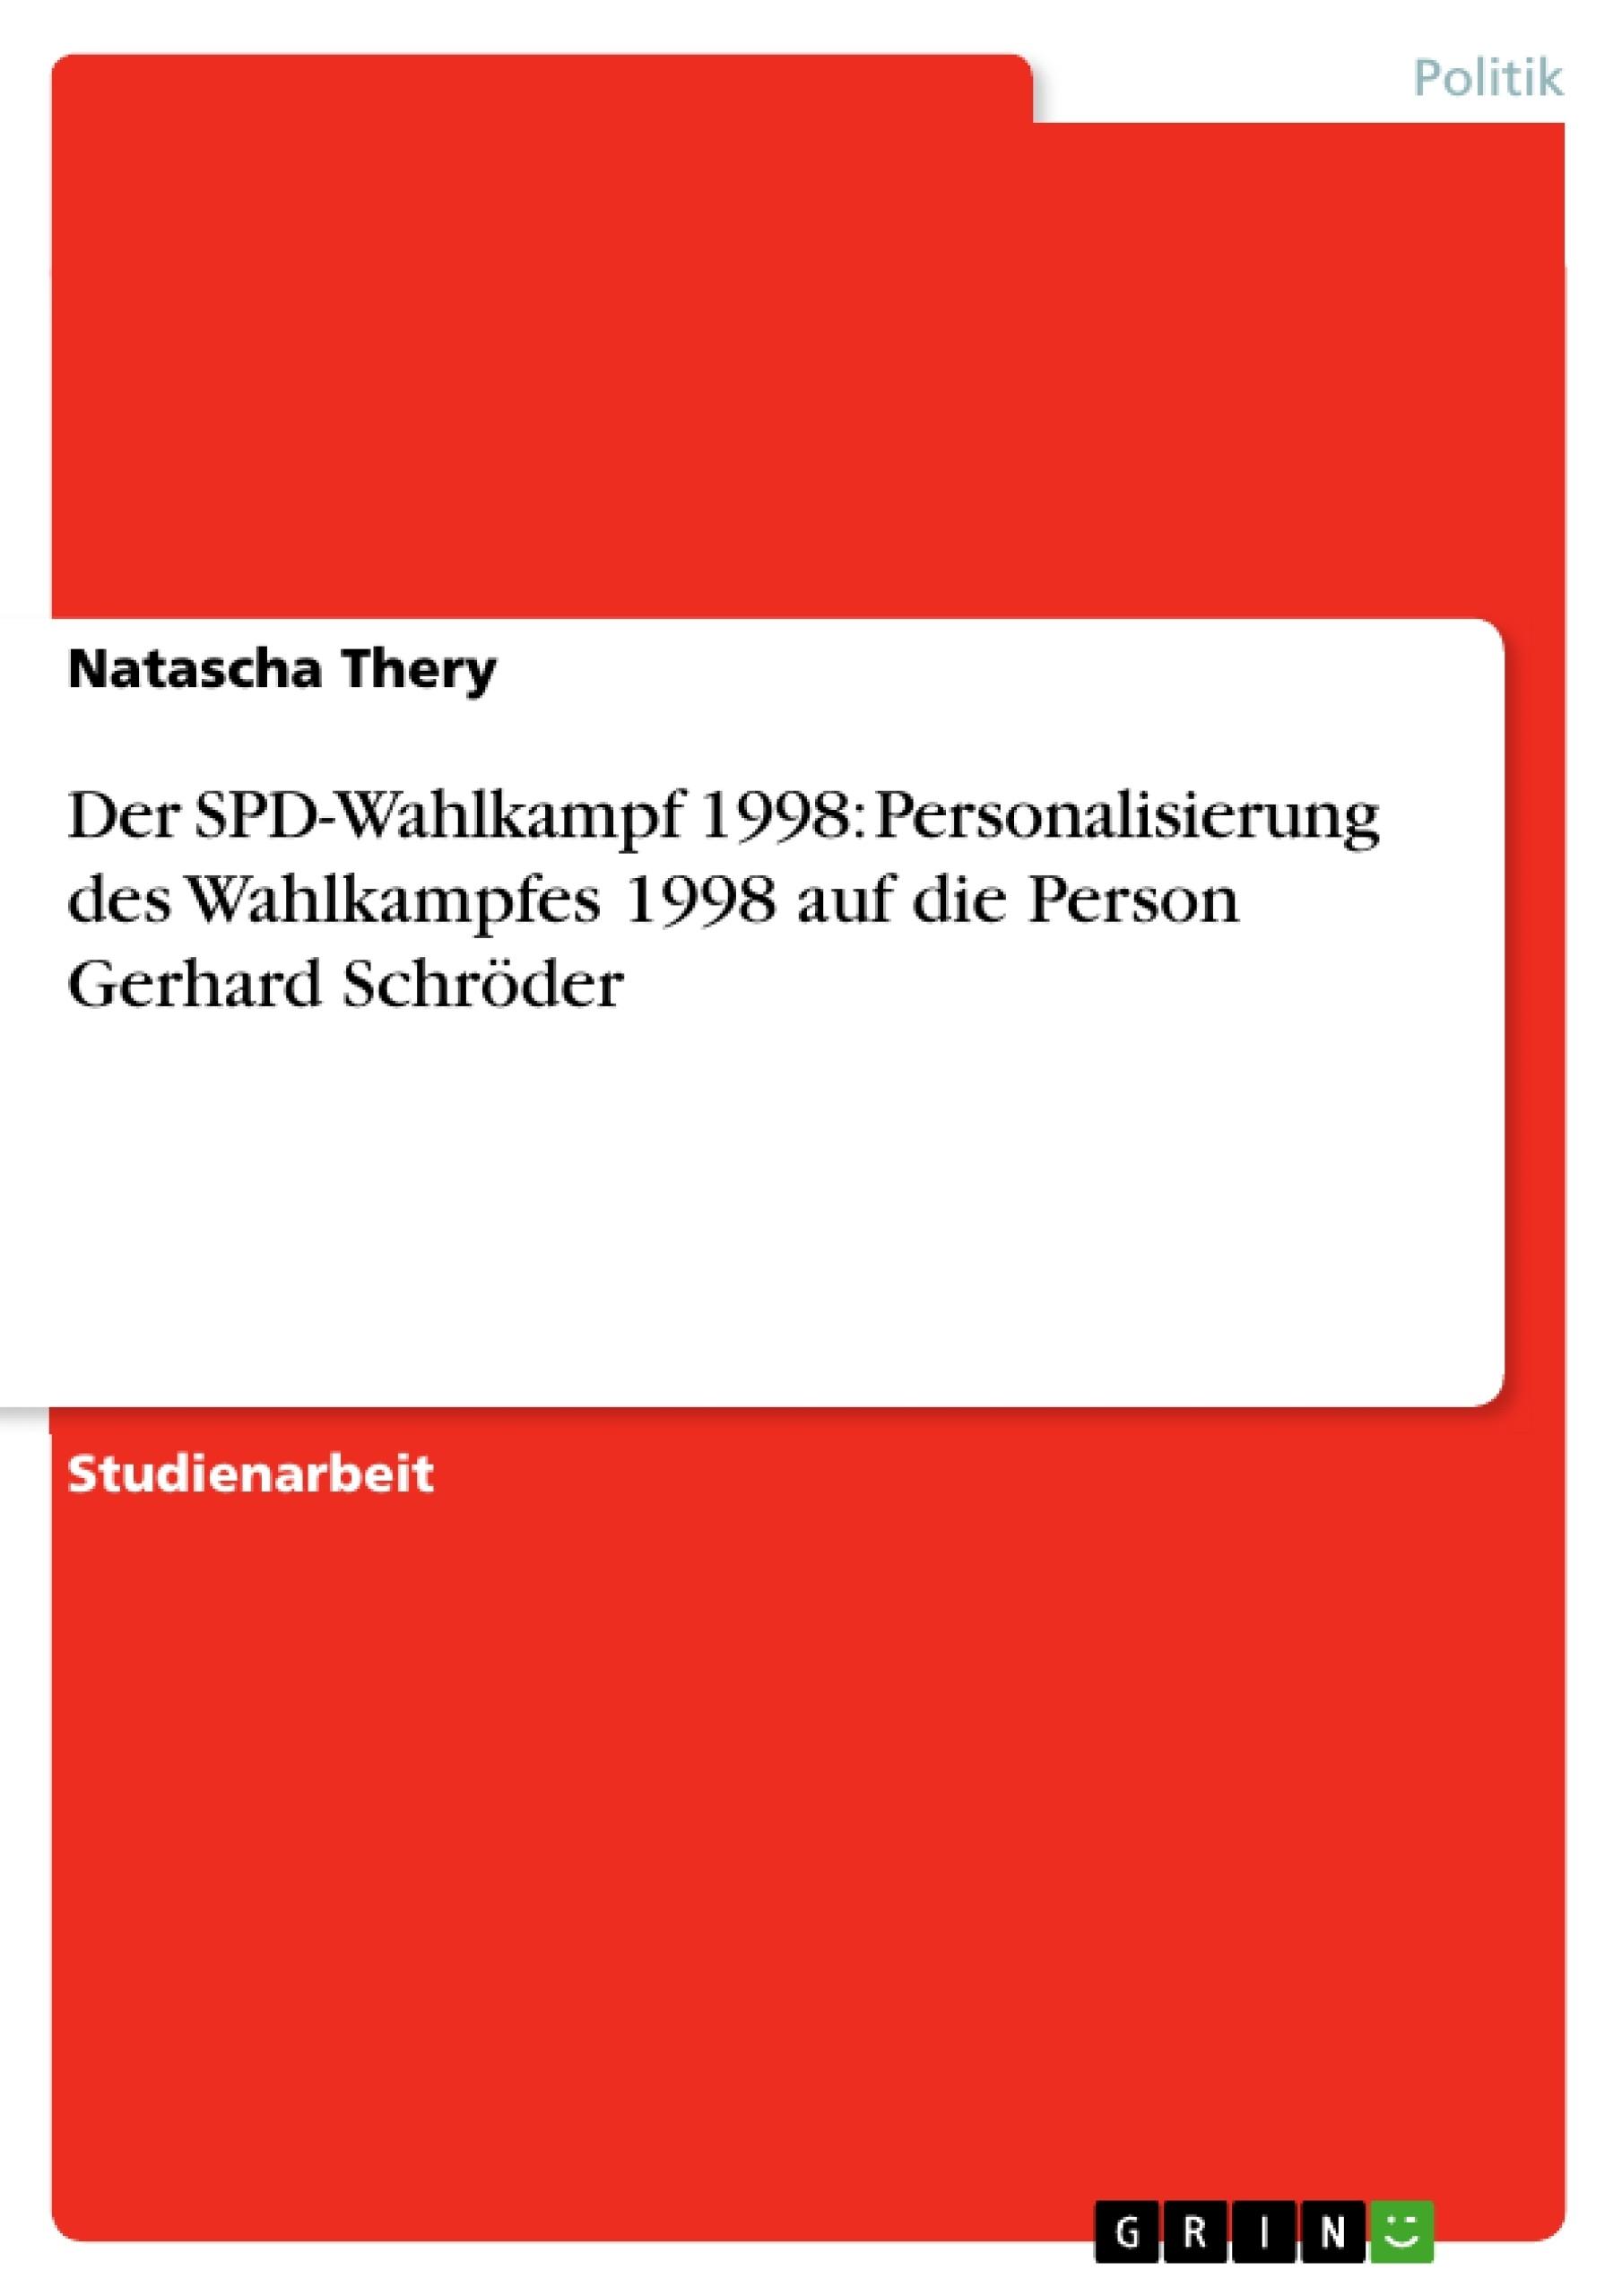 Titel: Der SPD-Wahlkampf 1998: Personalisierung des Wahlkampfes 1998 auf die Person Gerhard Schröder